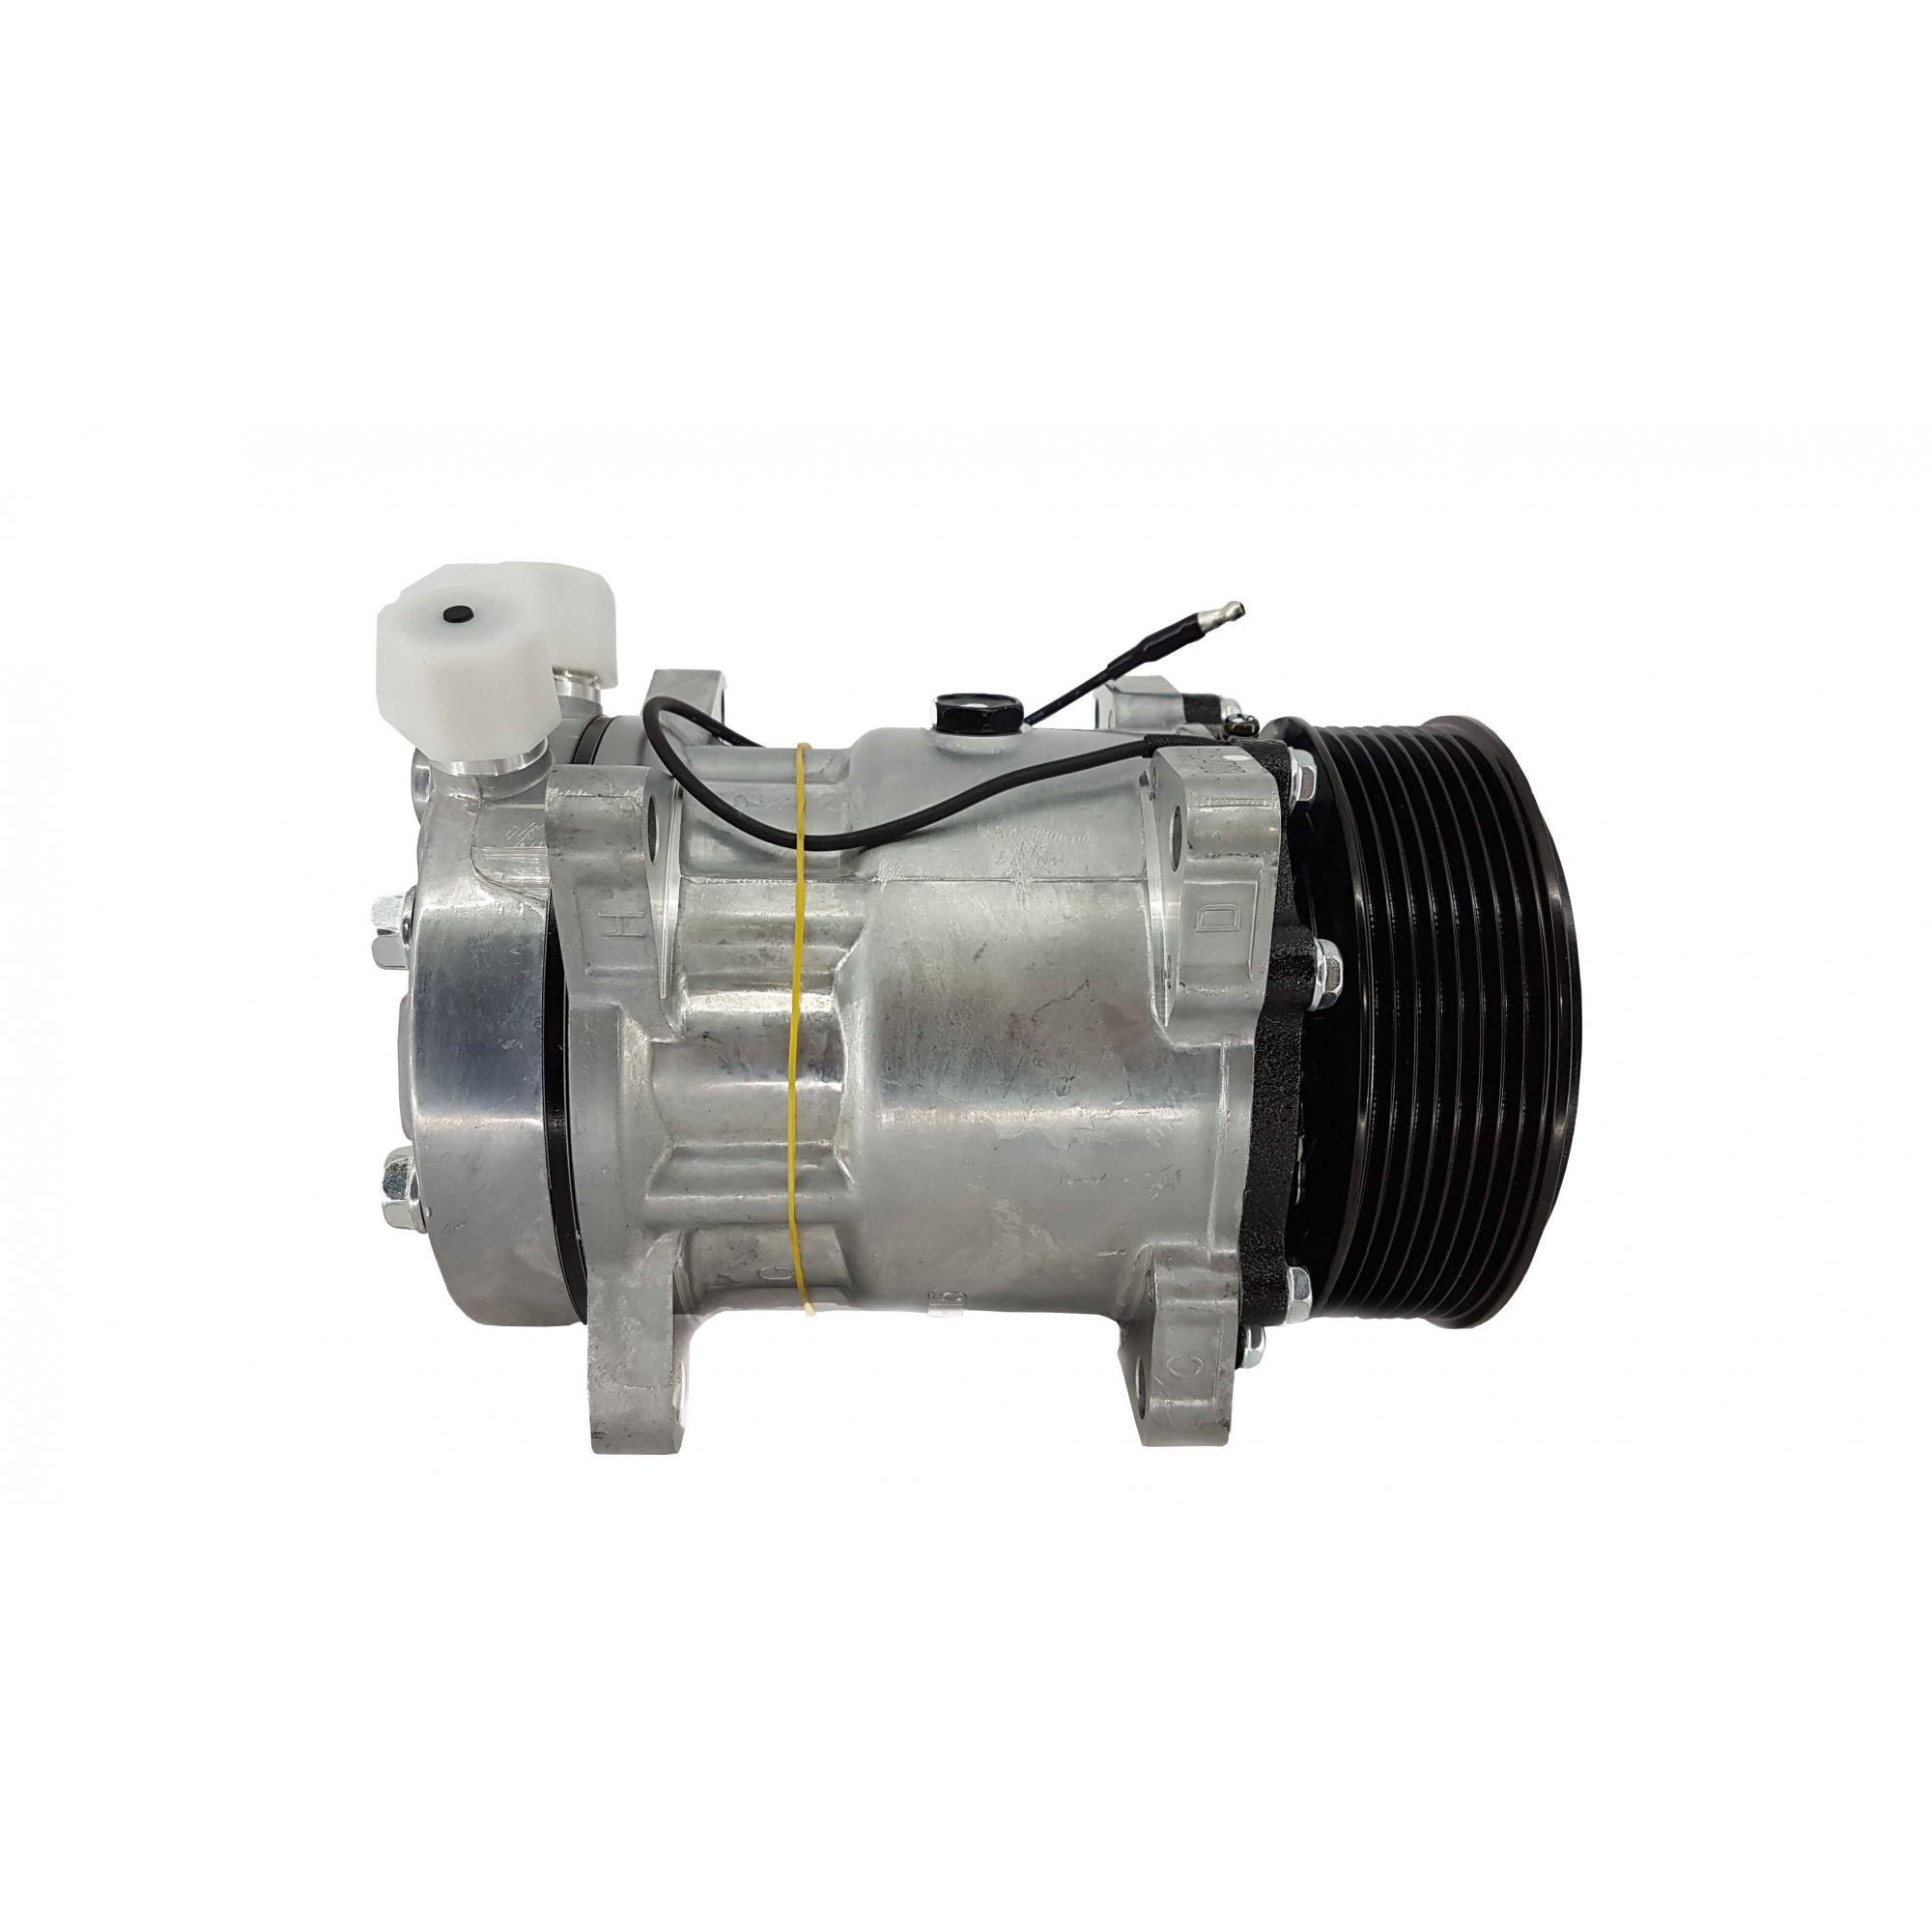 Compressor 7h15 12v 8pk - Original DENSO